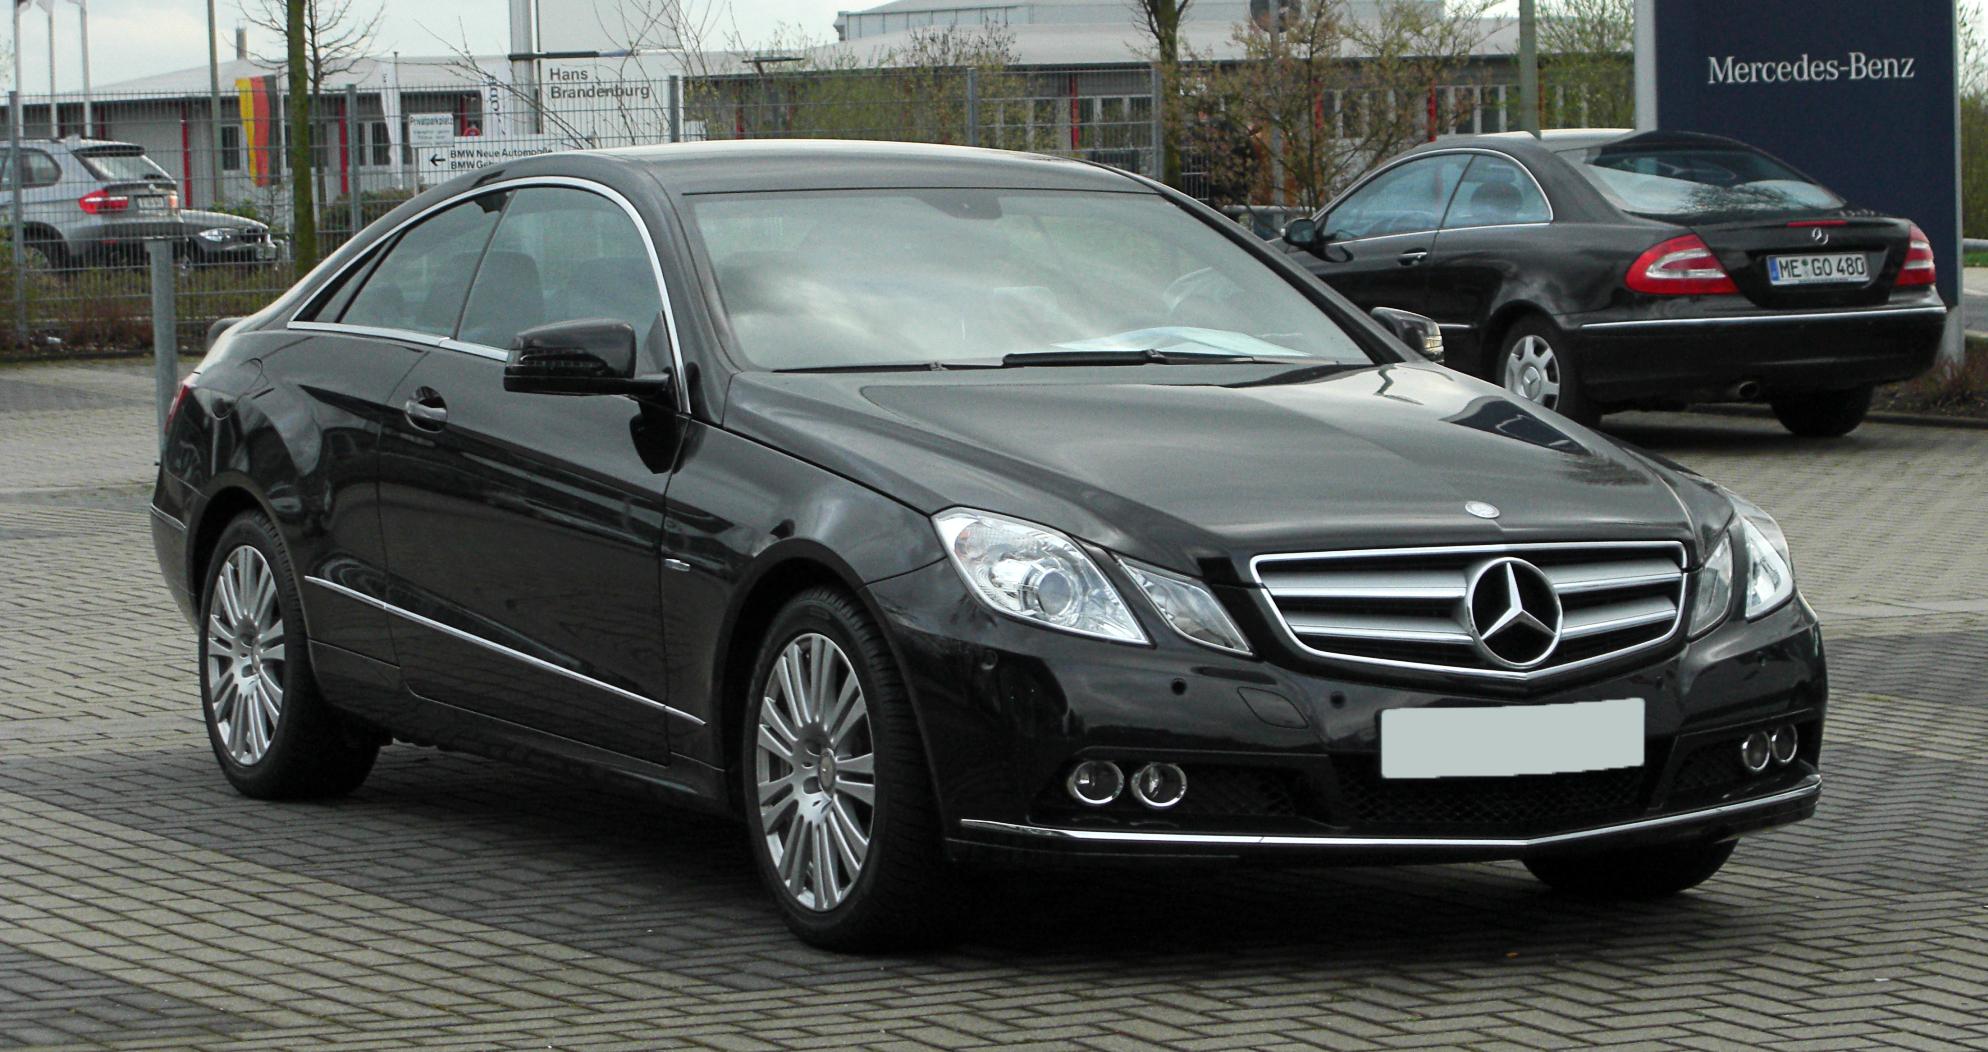 Mercedes E 200 : file mercedes benz e 200 cgi blueefficiency coup c 207 frontansicht 31 m rz 2011 ~ Maxctalentgroup.com Avis de Voitures